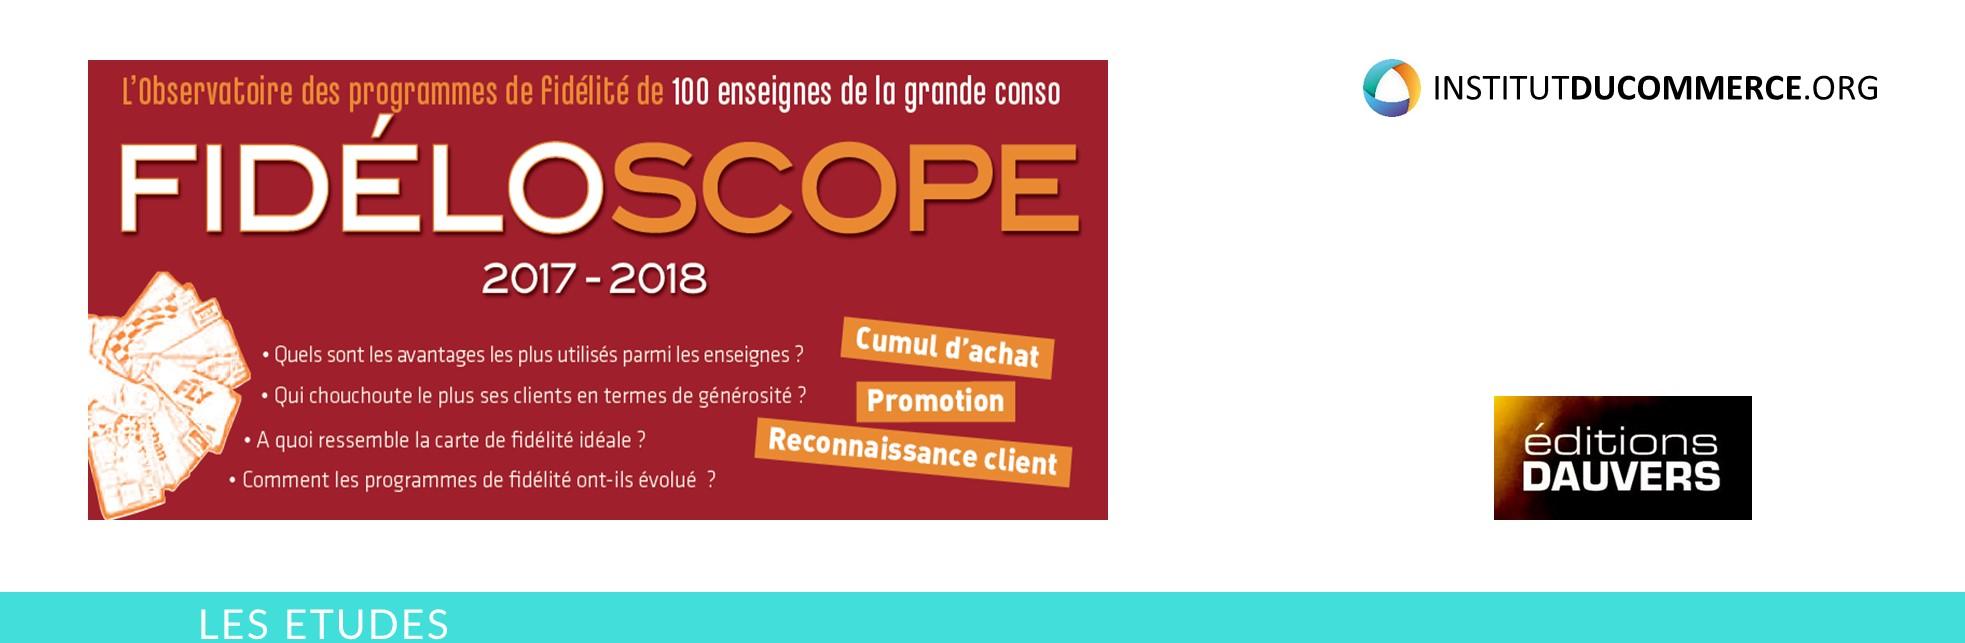 Fidéloscope 2017-2018 - Edition Dauvers